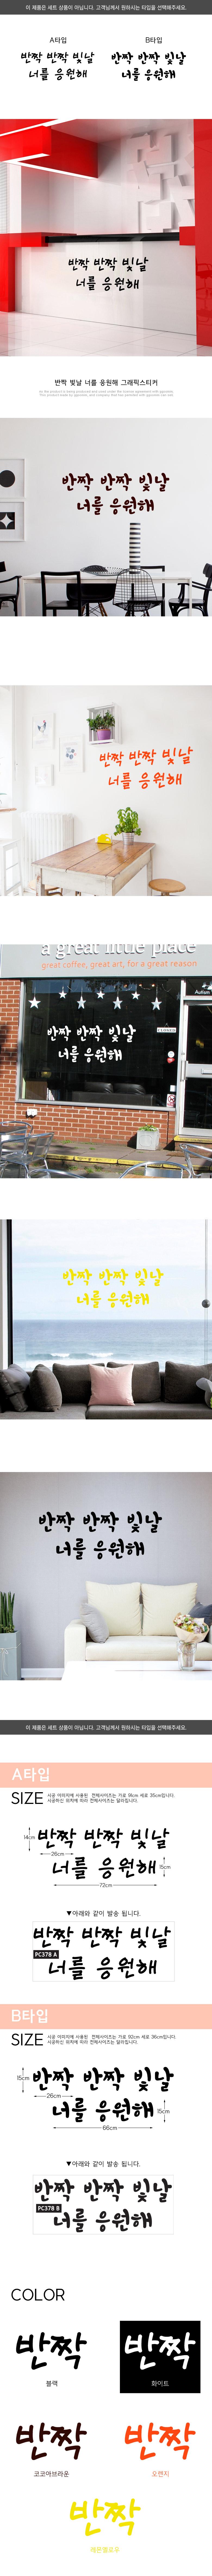 반짝빛날너를응원해_그래픽스티커 - 꾸밈, 20,000원, 월데코스티커, 레터링/메시지